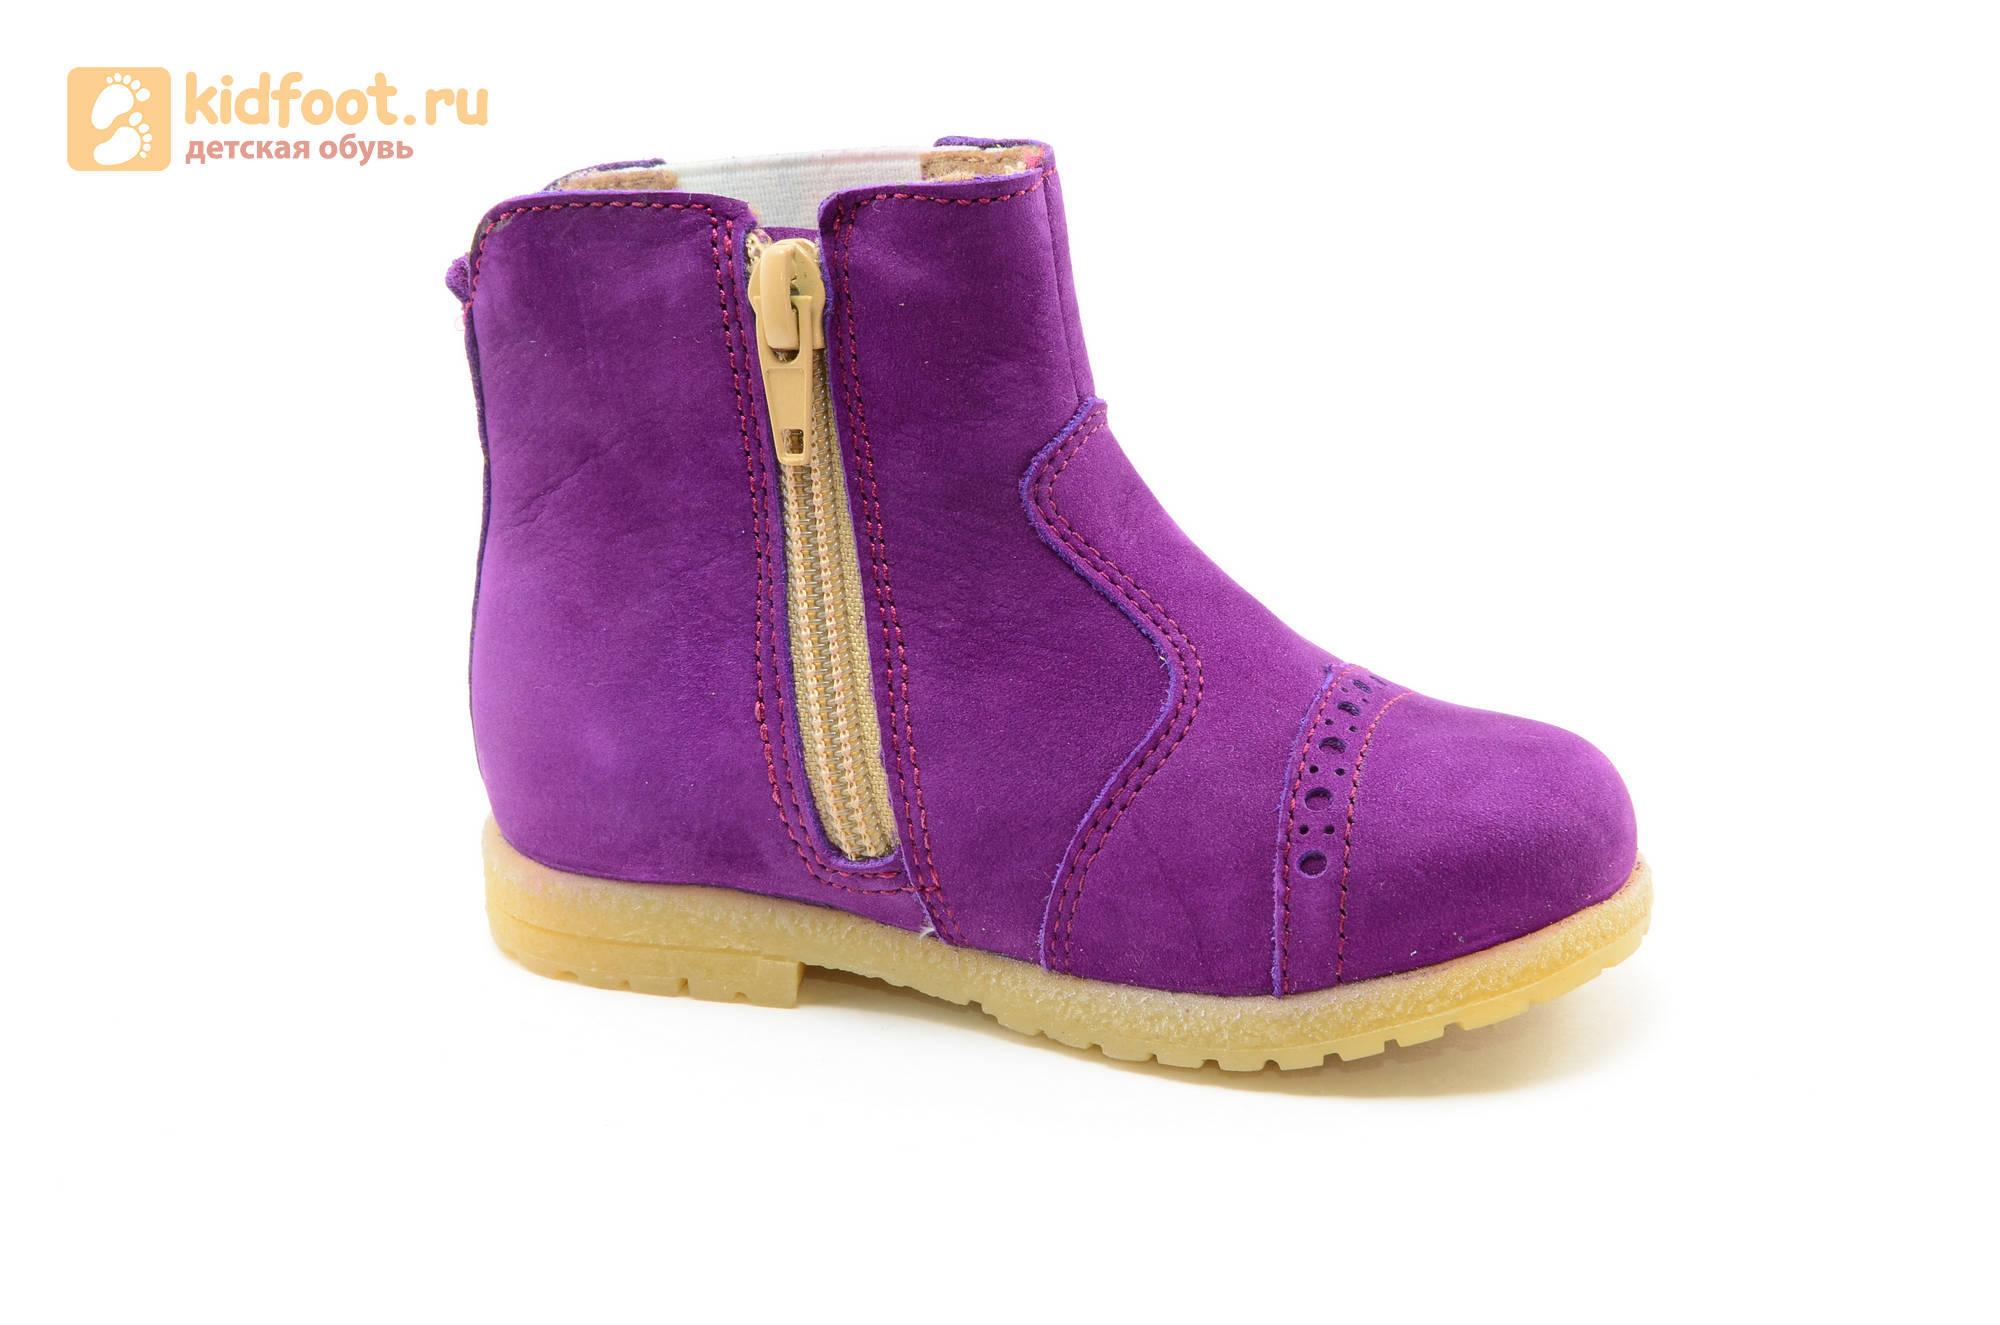 Полусапожки демисезонные для девочек Лель (LEL) из натуральной кожи на байке, цвет фиолетовый